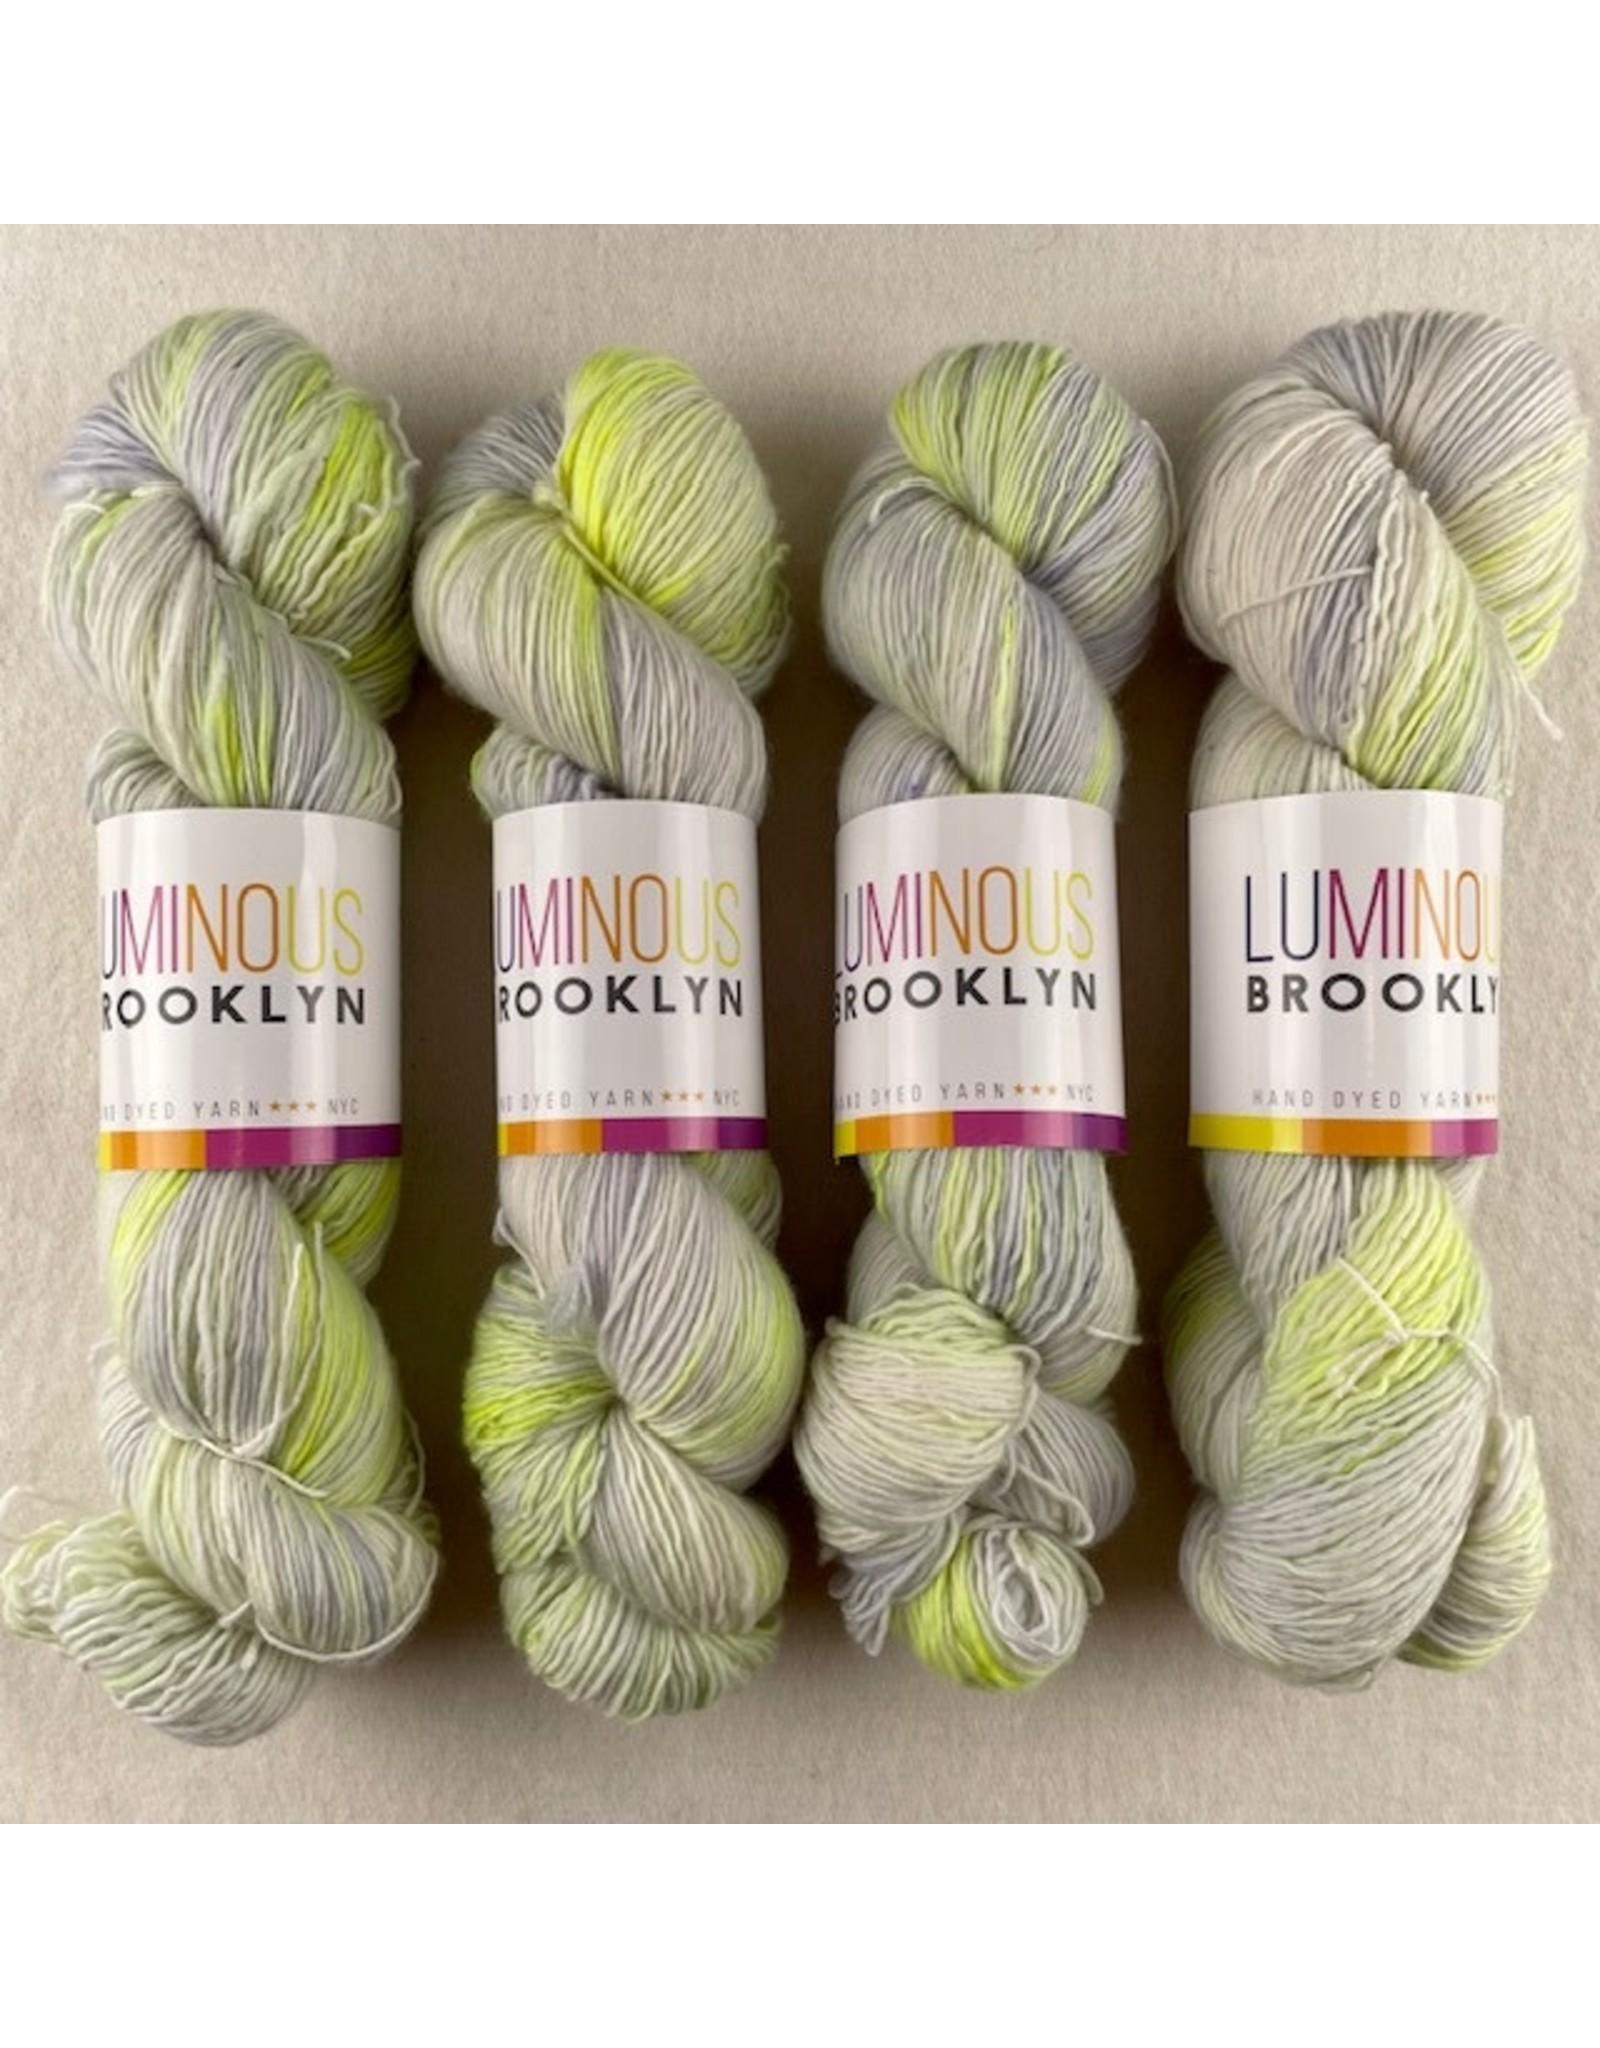 Luminous Brooklyn Blind Lemon - Brilliant Fine Weight - Luminous Brooklyn